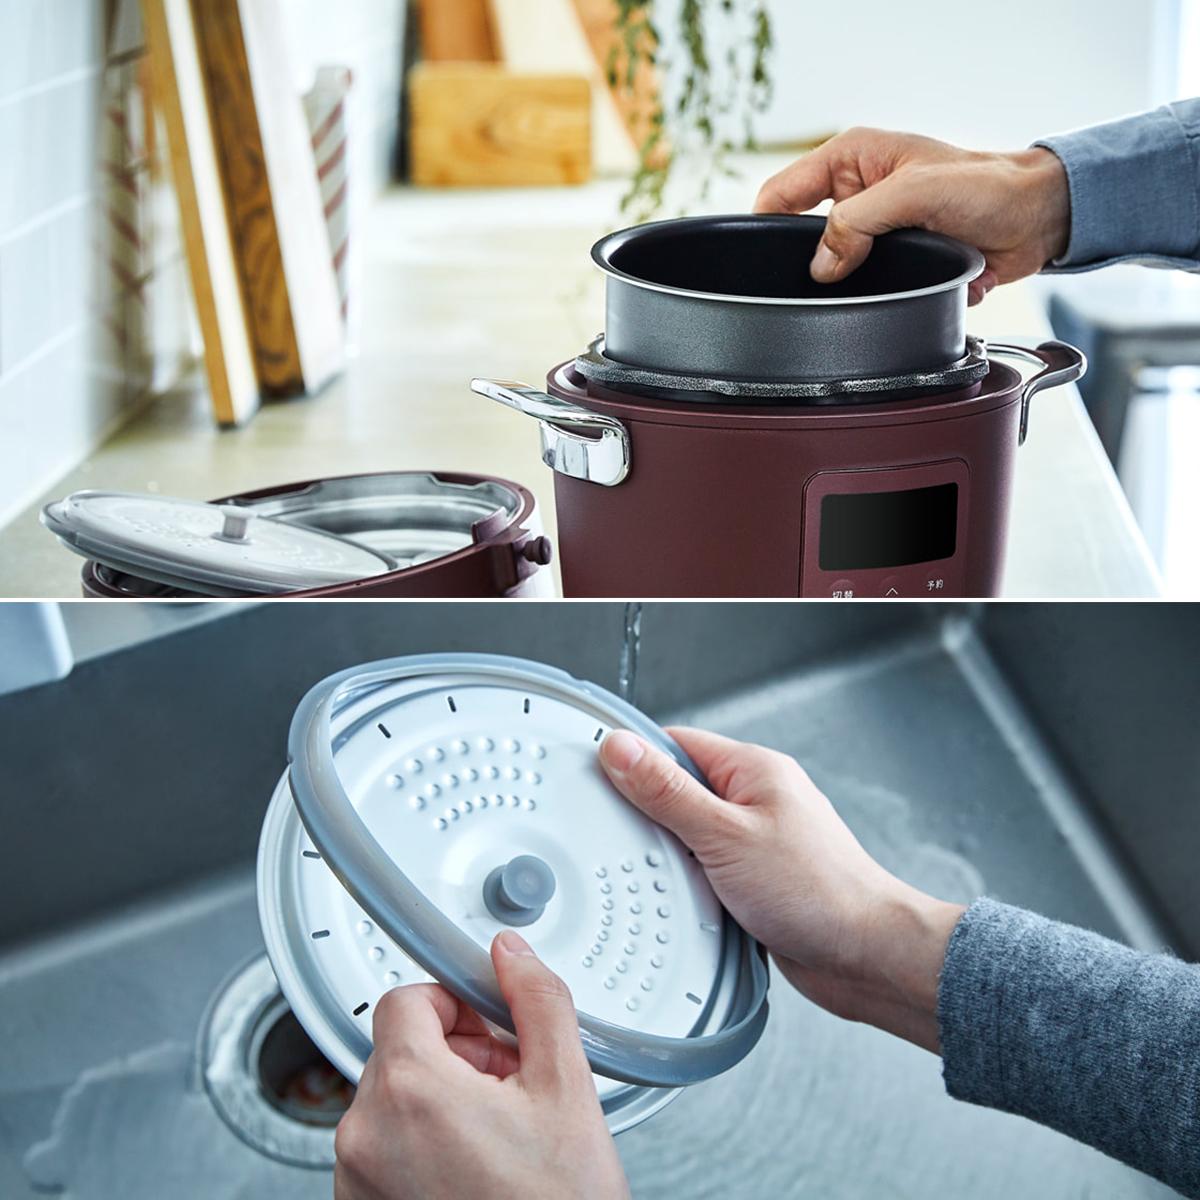 内ぶたはパッキンを取り外して、圧力切替弁もふた本体から取り外して、内がまと一緒に丸洗いできて衛生的。炊飯も調理も楽チンで早い「アシスト調理器・電気圧力鍋」|Re-De Pot(リデ ポット)